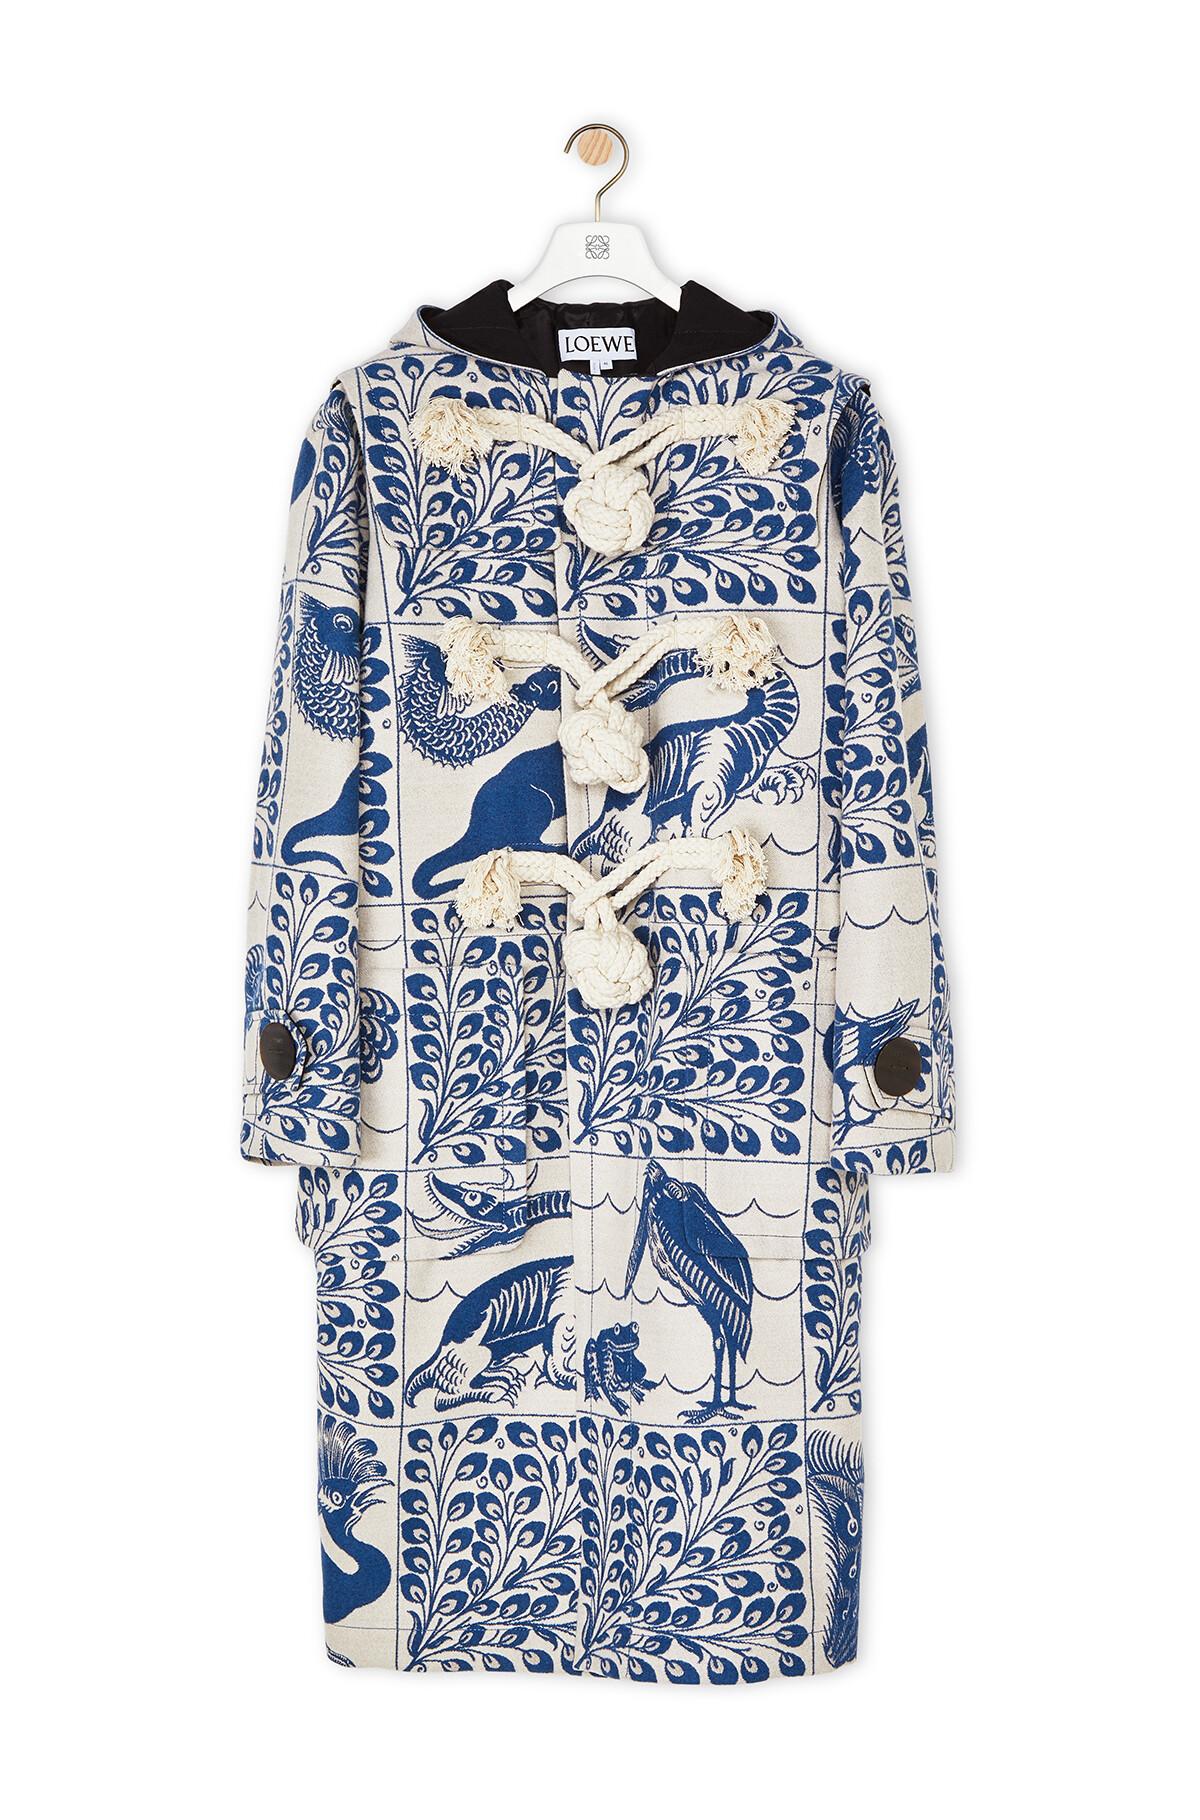 LOEWE Jacquard Duffle Coat Animals White/Blue front